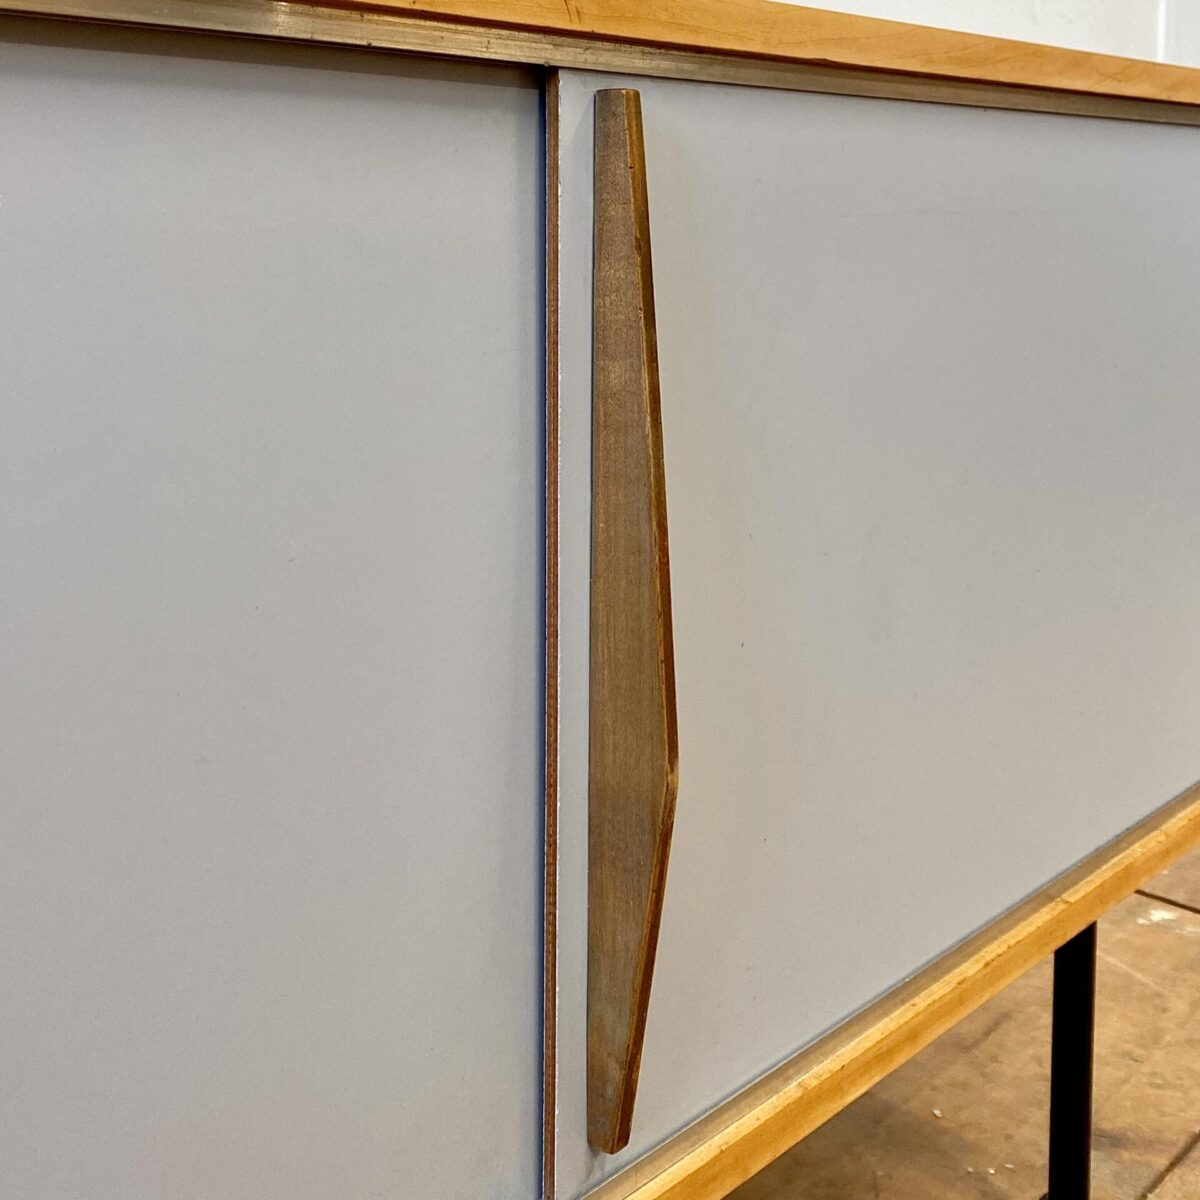 Deuxieme.shop midcentury Schlichtes Ahorn Sideboard mit Schiebetüren. 113x45cm Höhe 64cm. Die Holzelemente sind geschliffen und Natur geölt. Die Schiebetüren sind mit Kunstharz (Kelko) beschichtet. Hellgrau leicht bläulich mit drei filigranen Holzgriffen. Die Kommode steht auf schwarzen Metallfüssen mit Kunststoff Füssen.